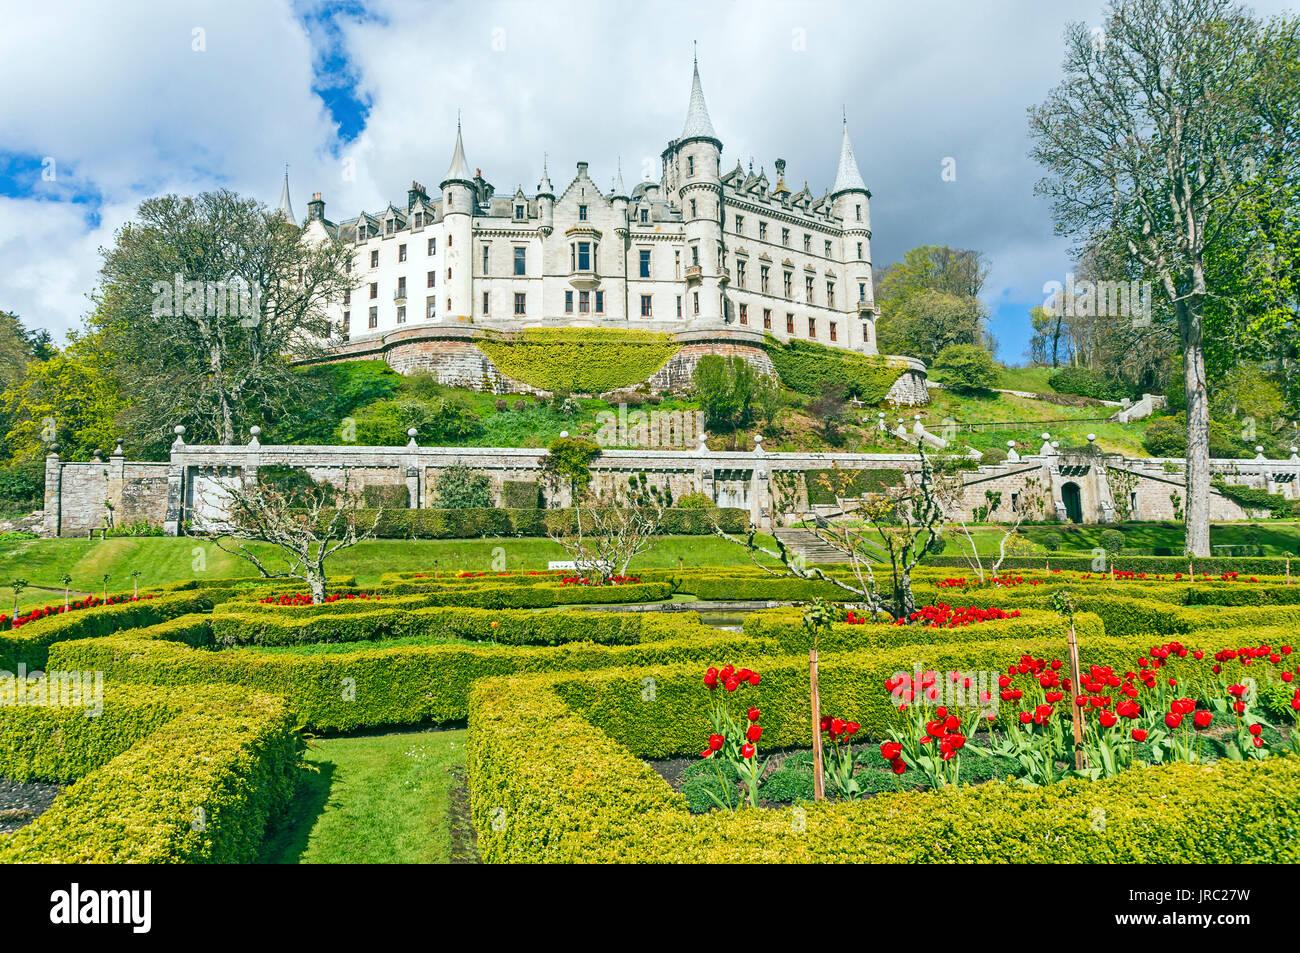 Dunrobin Castle Museum   Gardens in der Nähe von Golspie Highland-Schottland  Stockbild 9426a7dd33f53